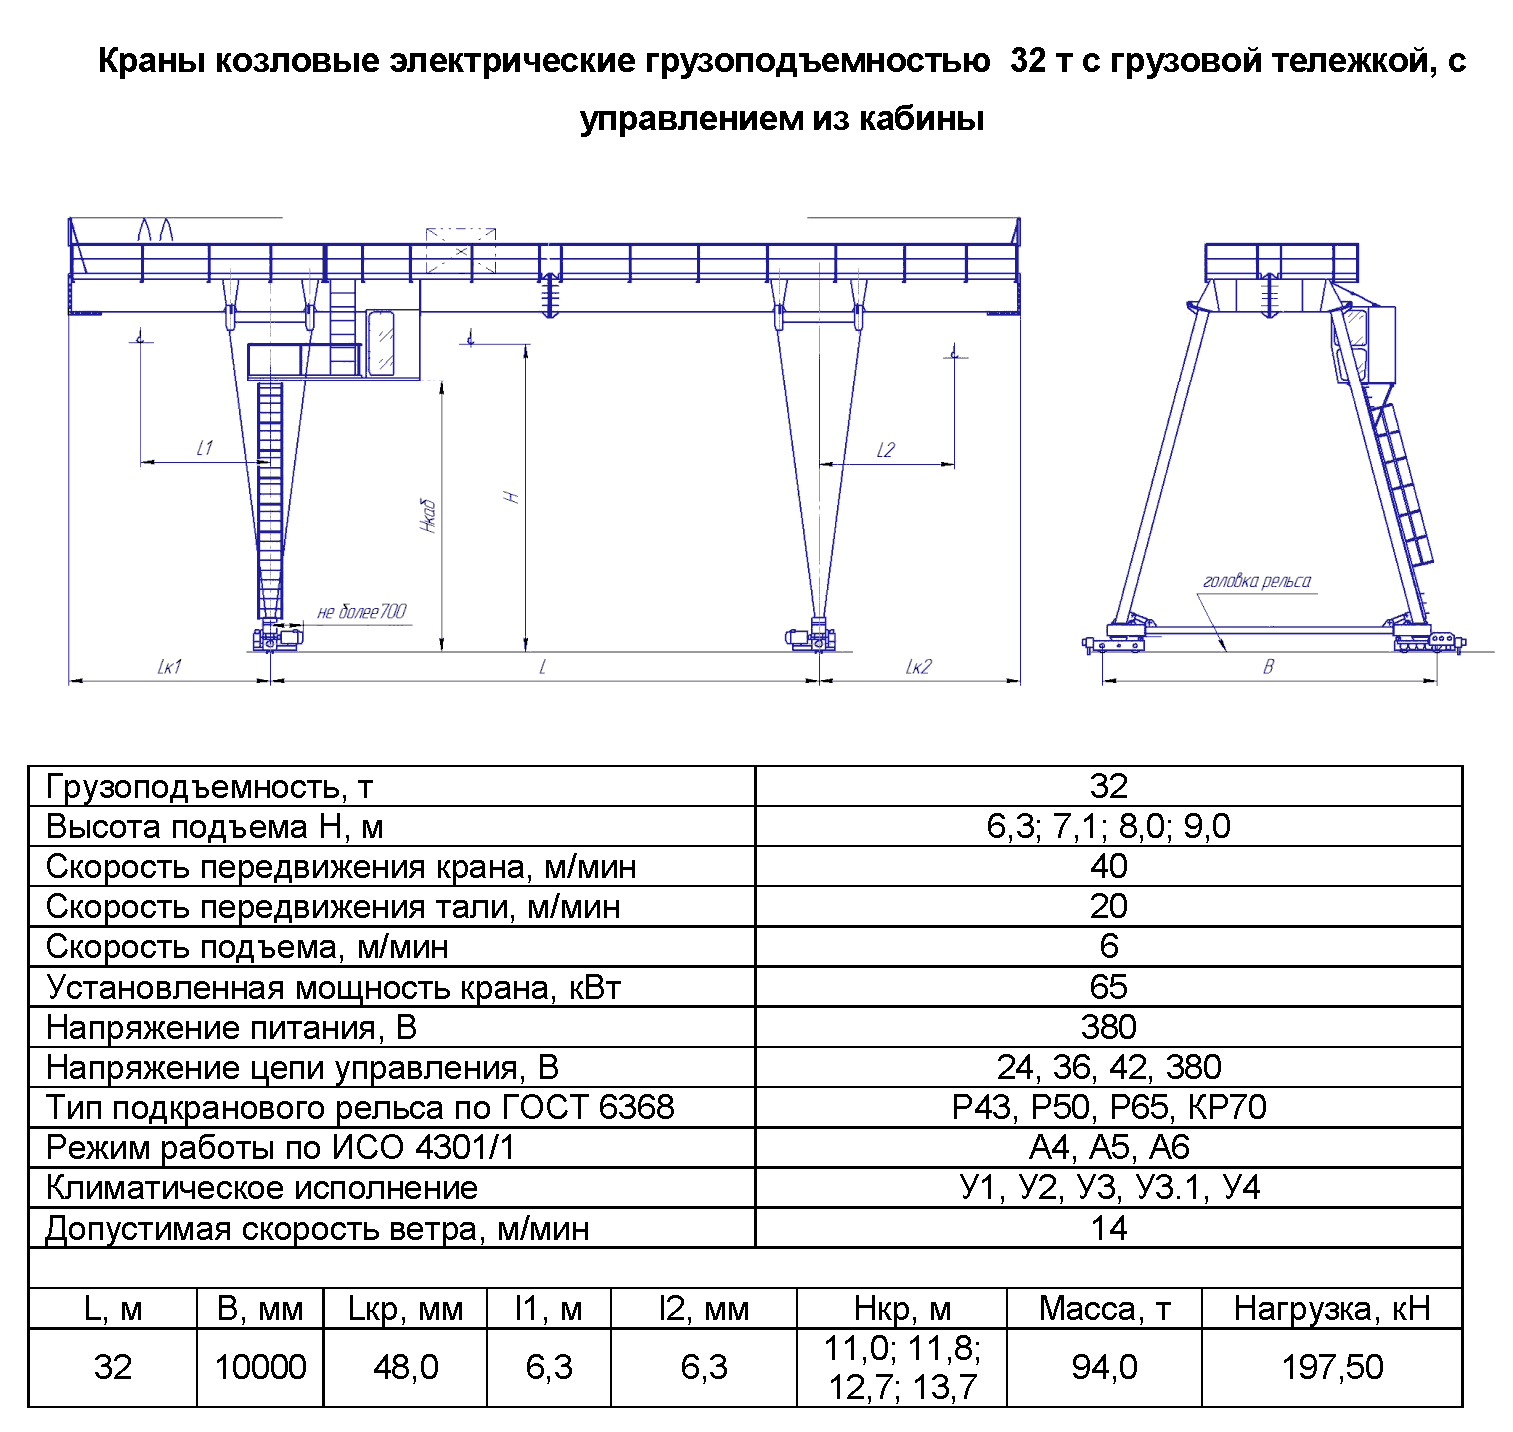 KKD 32 320 - Кран козловой электрический двухбалочный